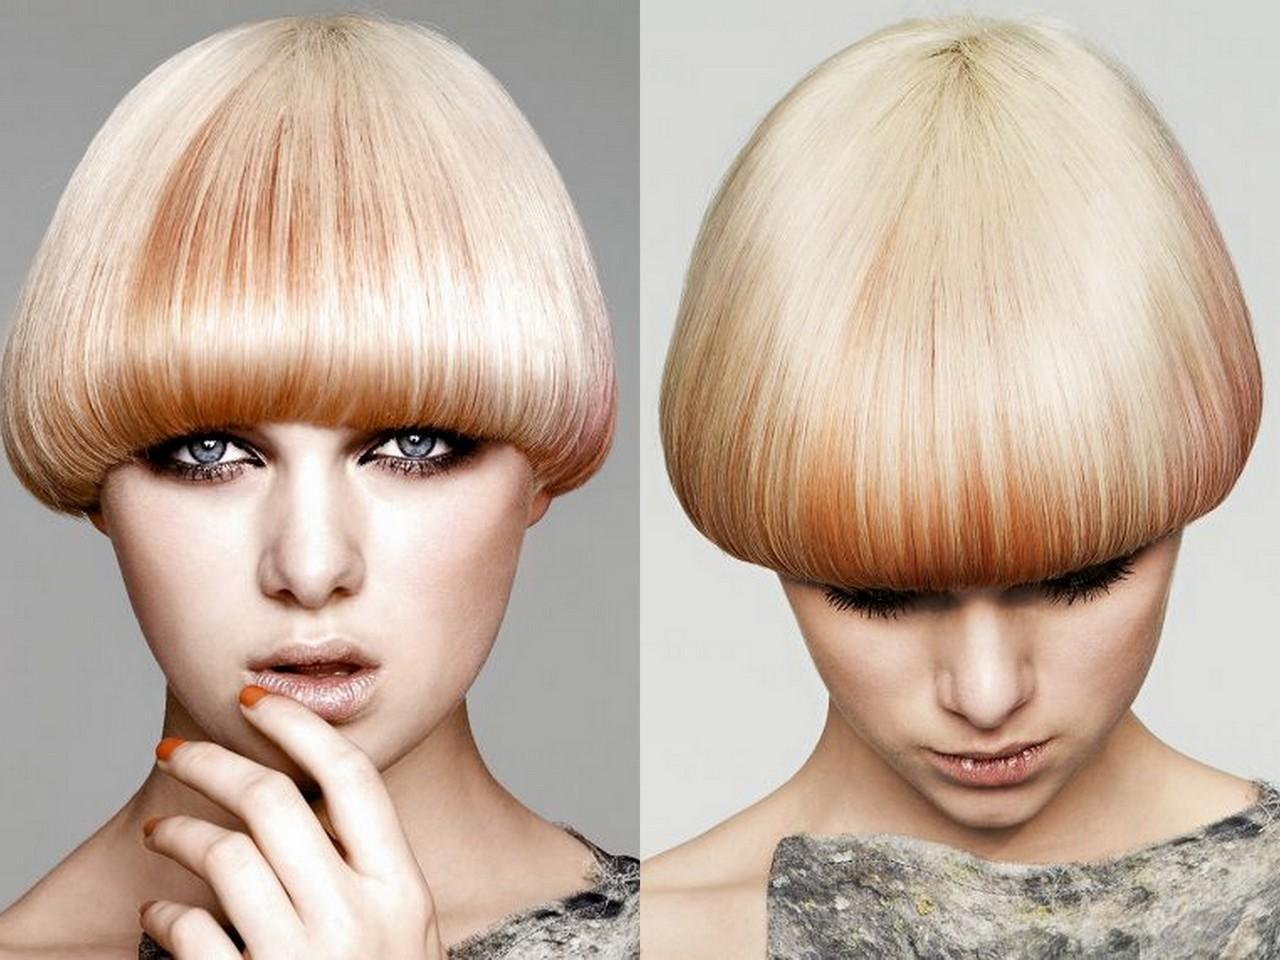 Cтрижки на короткие волосы с челкой — Для Роста Волос